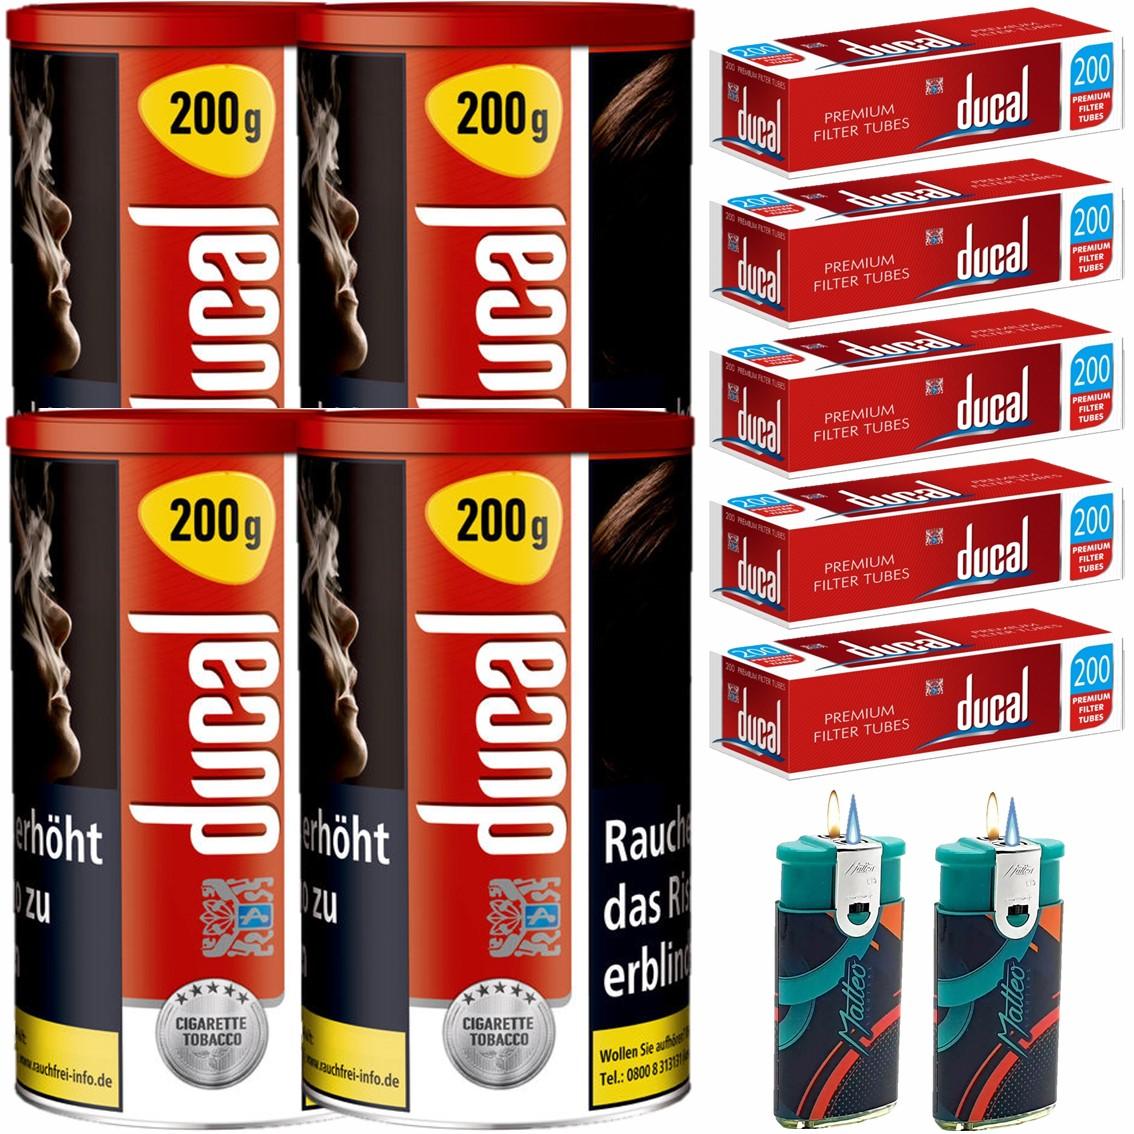 Ducal Red / Rot 4 x 200g Feinschnitt / Zigarettentabak 1000 Filterhülsen Uvm.